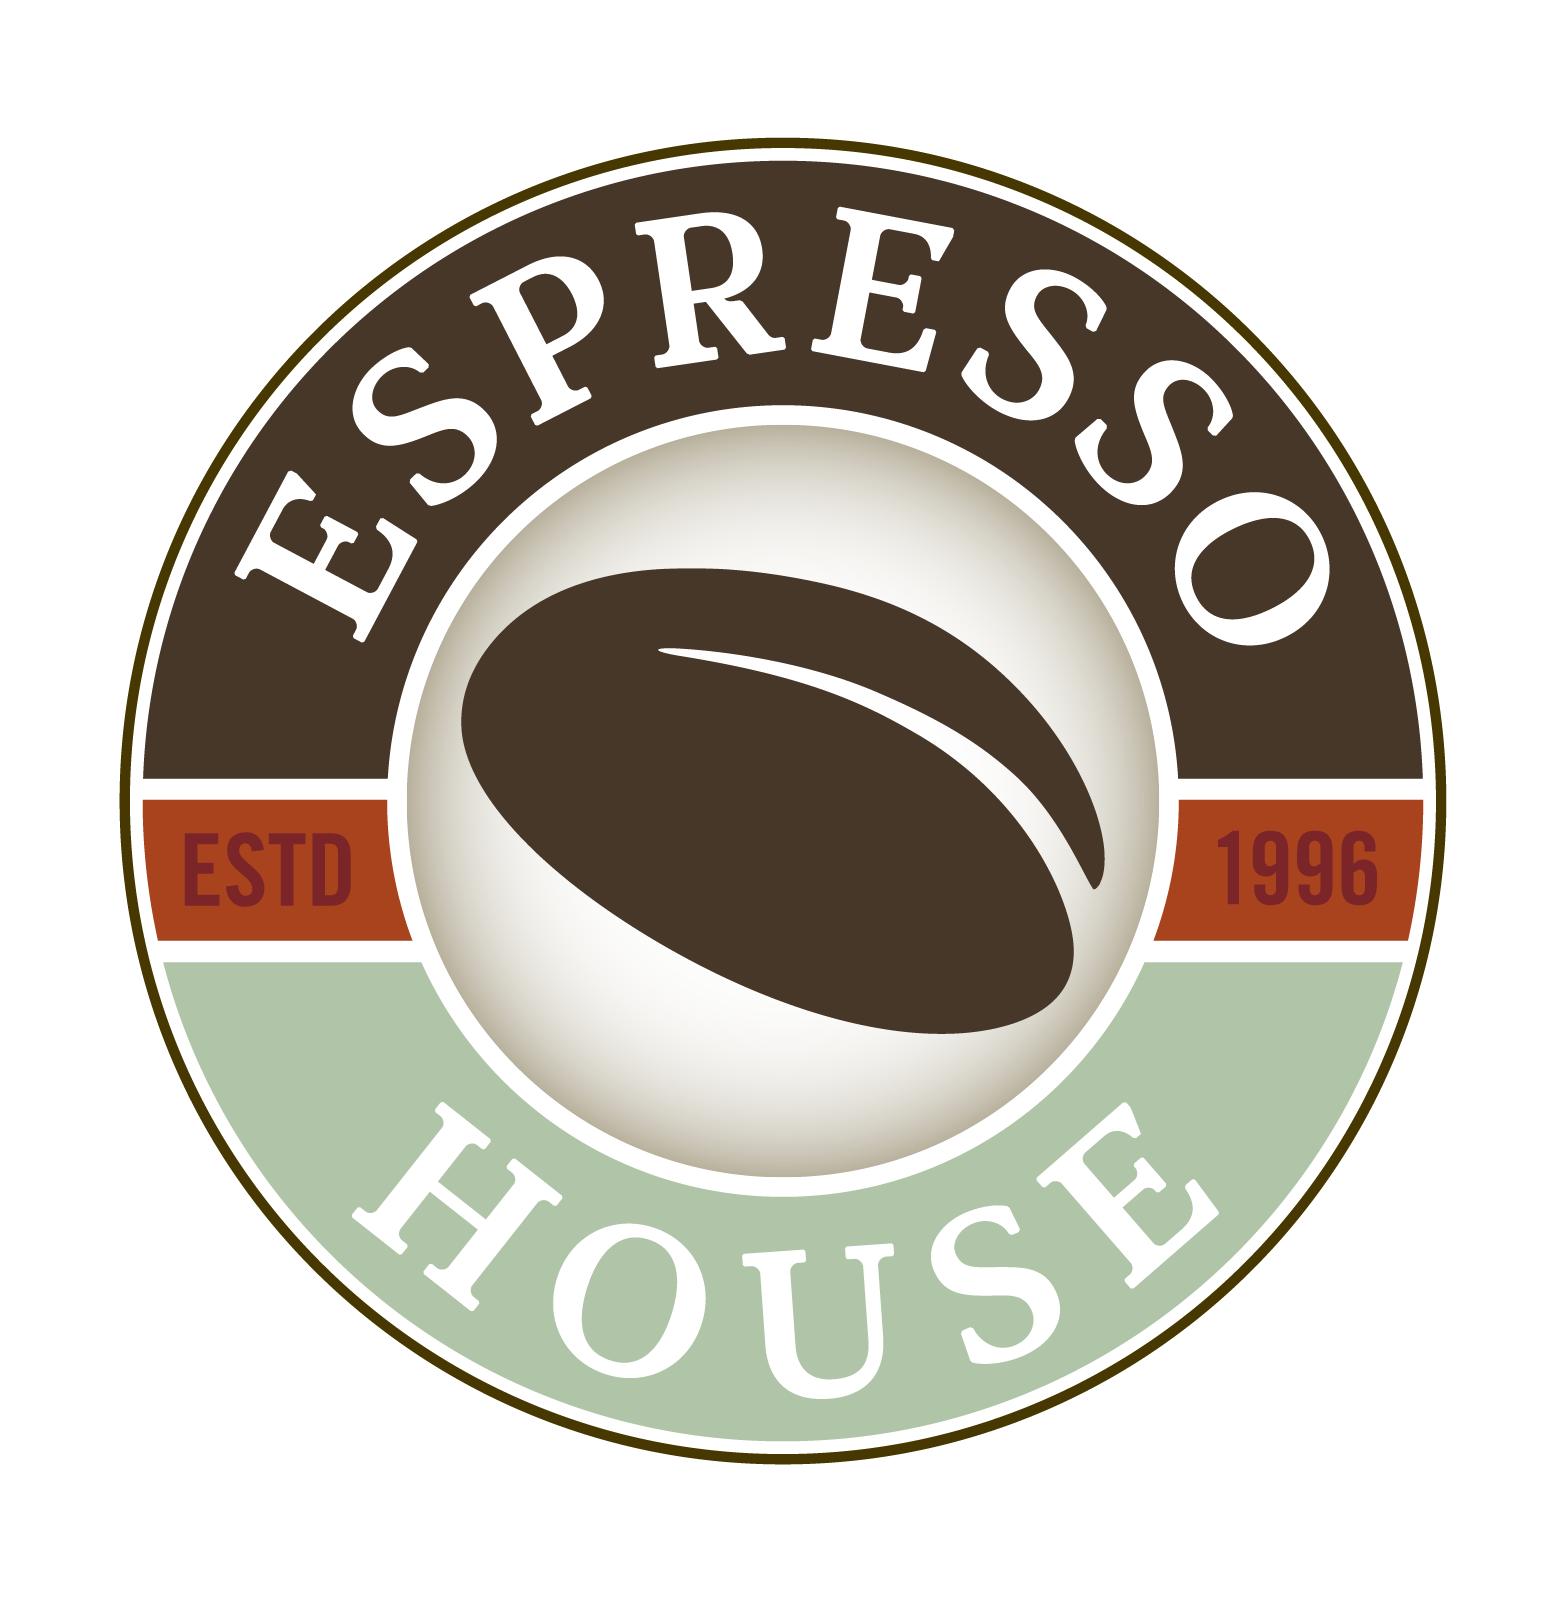 Espresso House Norge AS